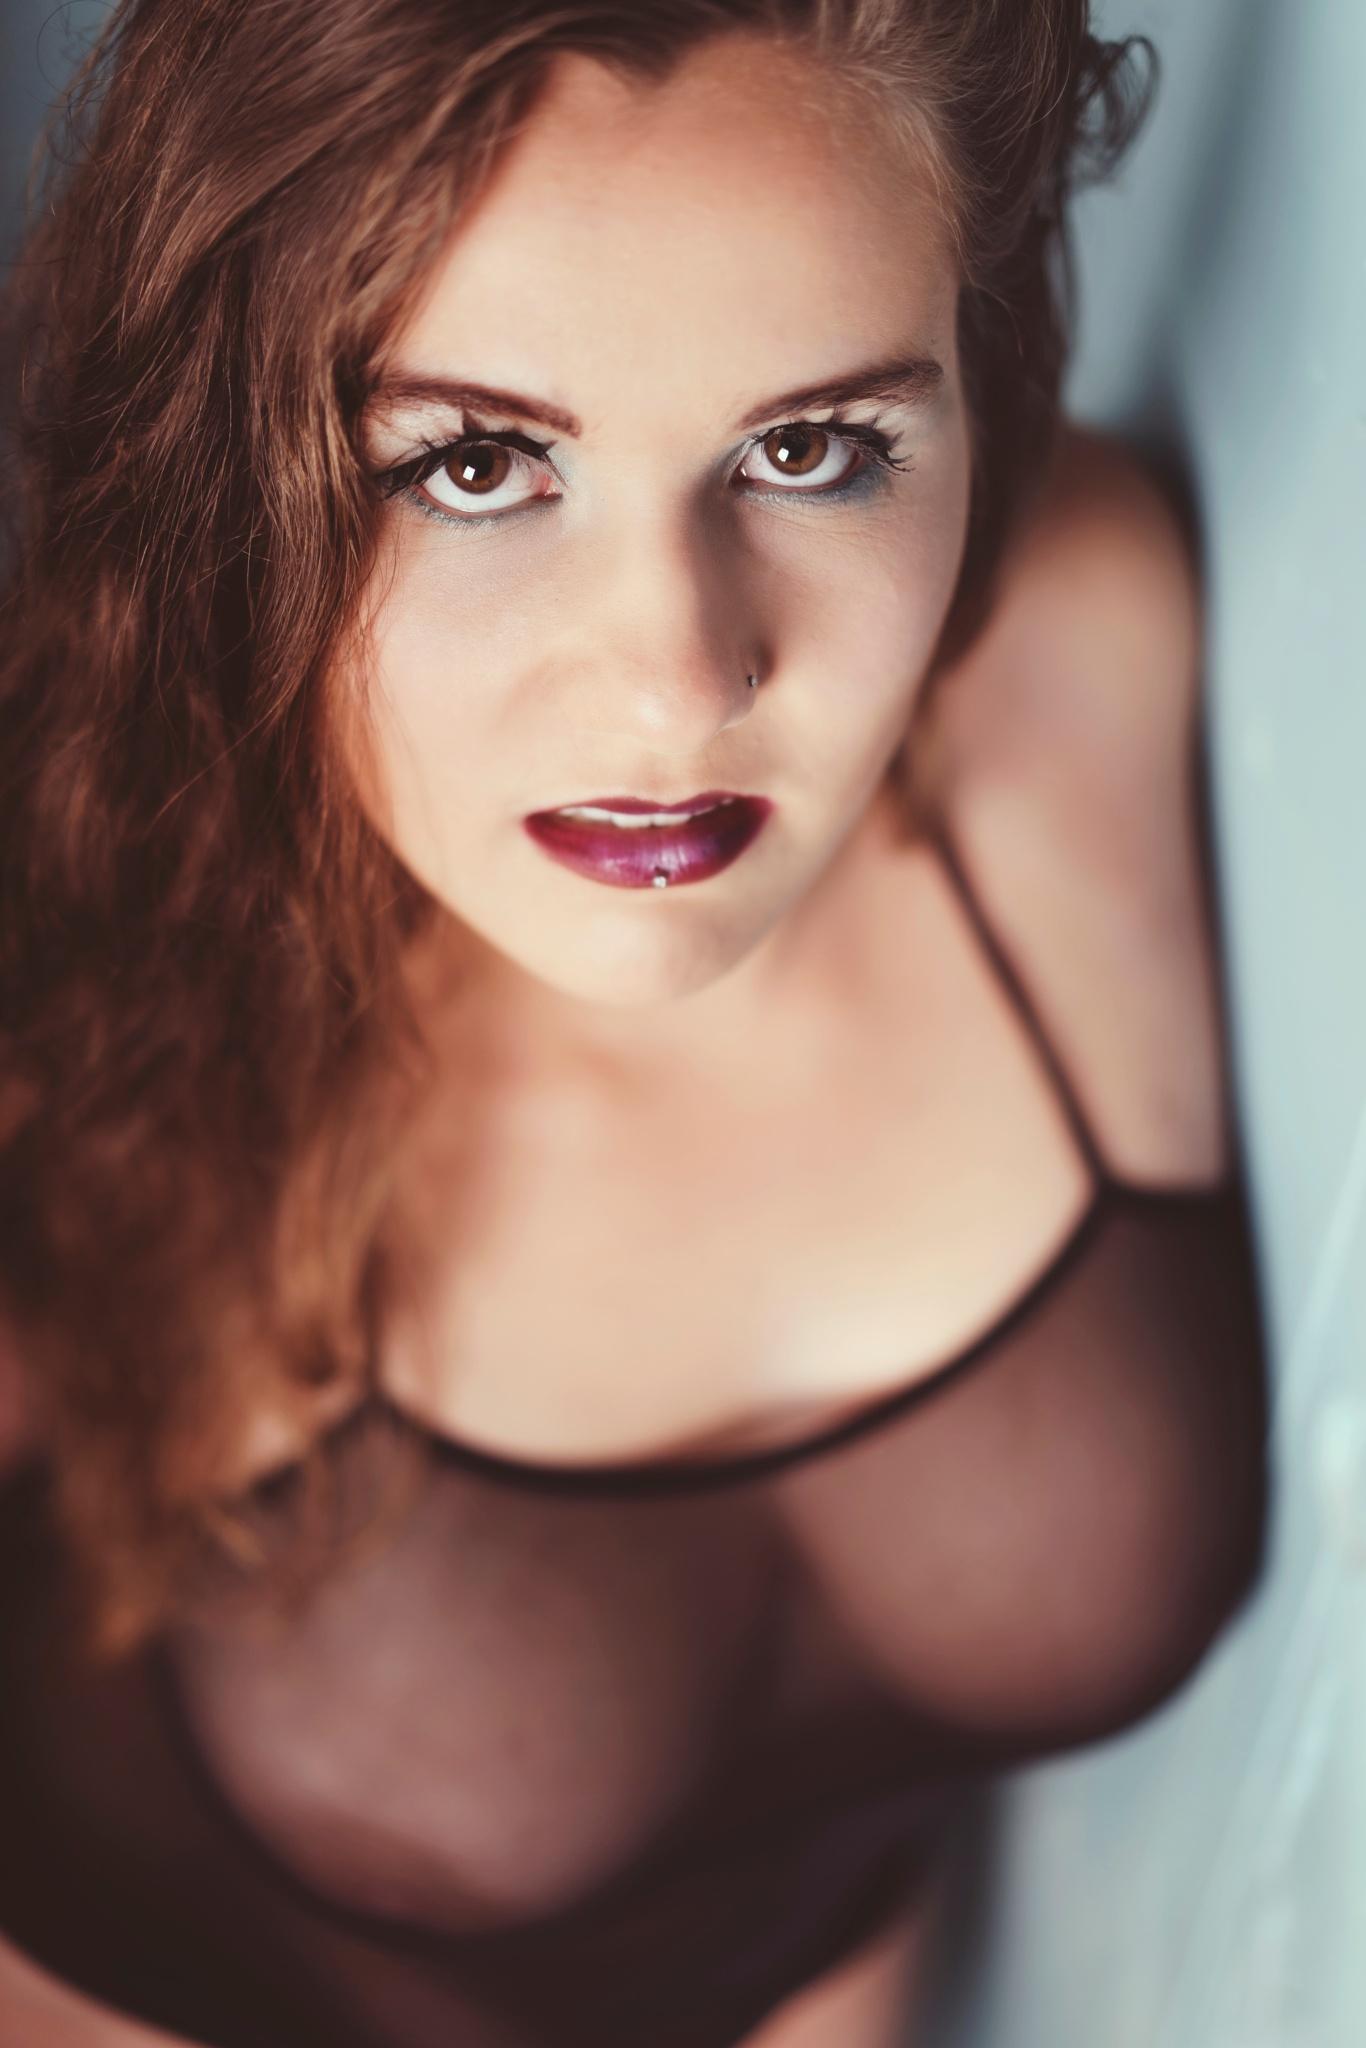 Vanessa by bjoerngotzmann